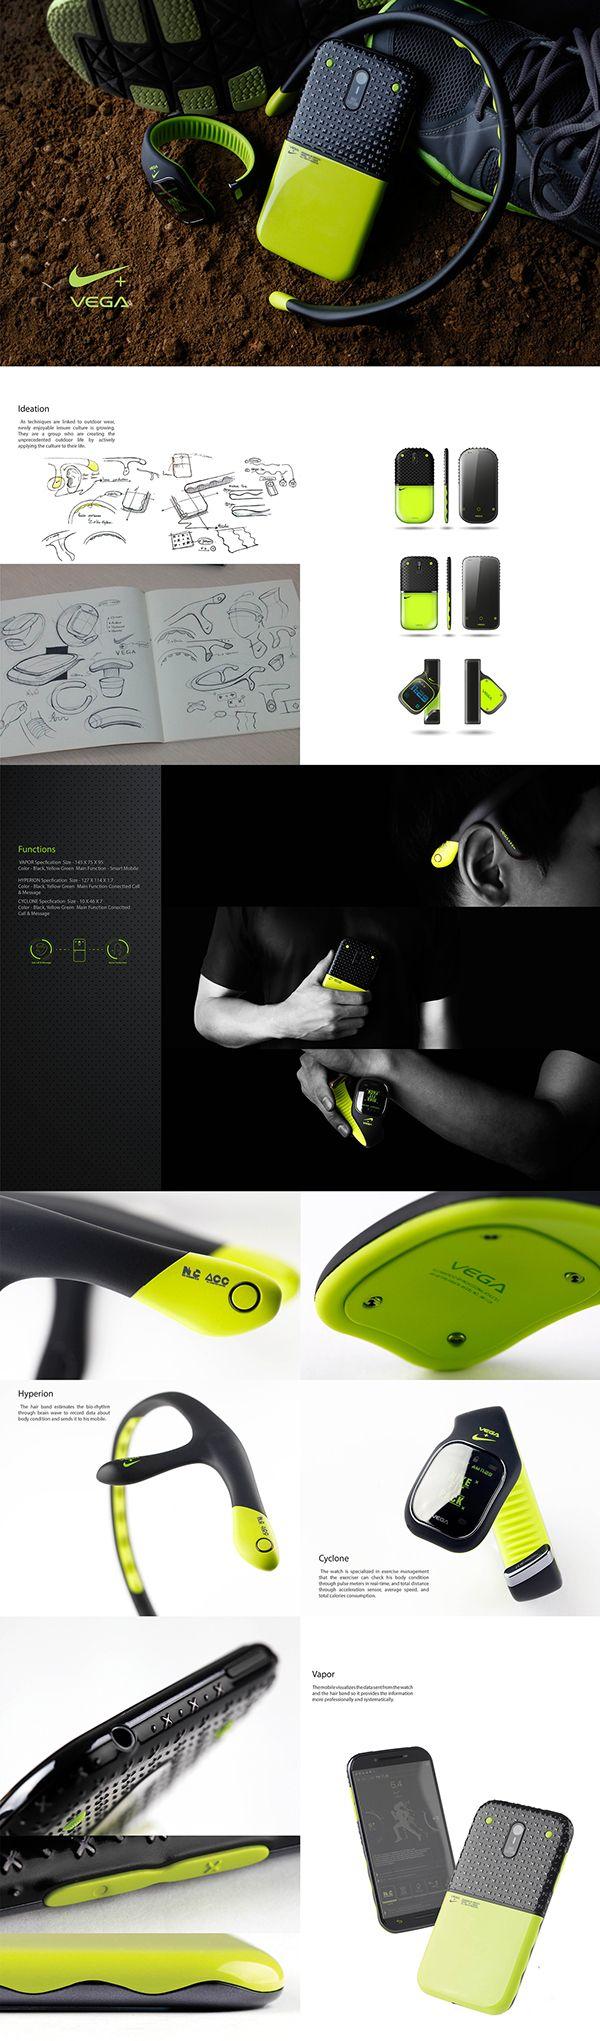 Mobile, Smart watch, Headband